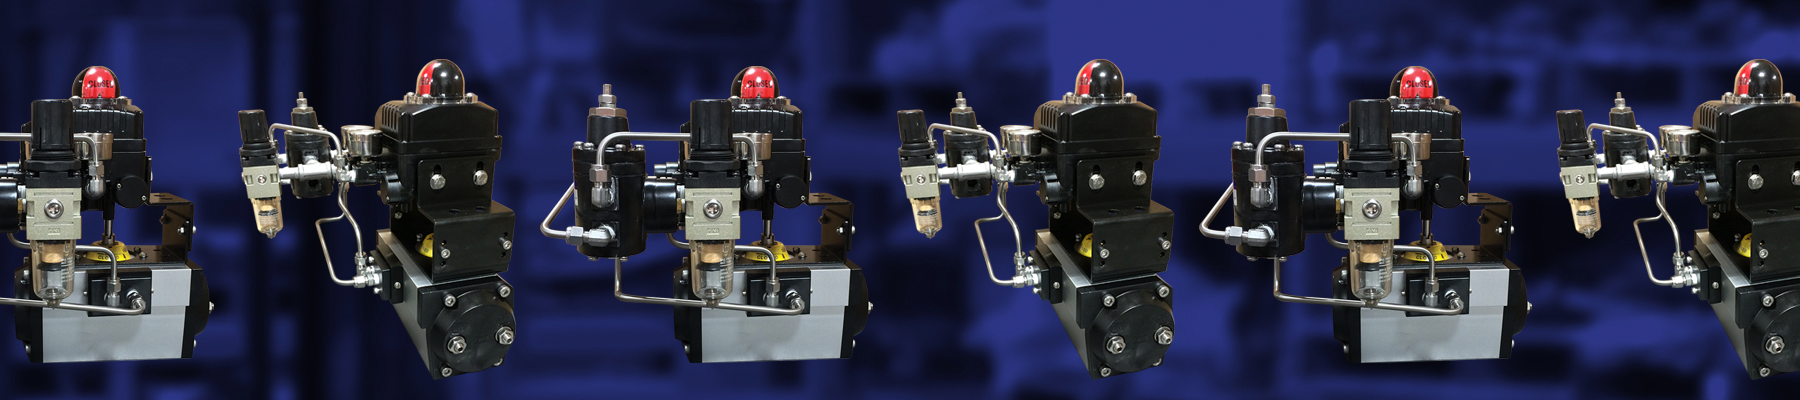 4-20mA Modulating Fail-Freeze Double-Acting Actuator